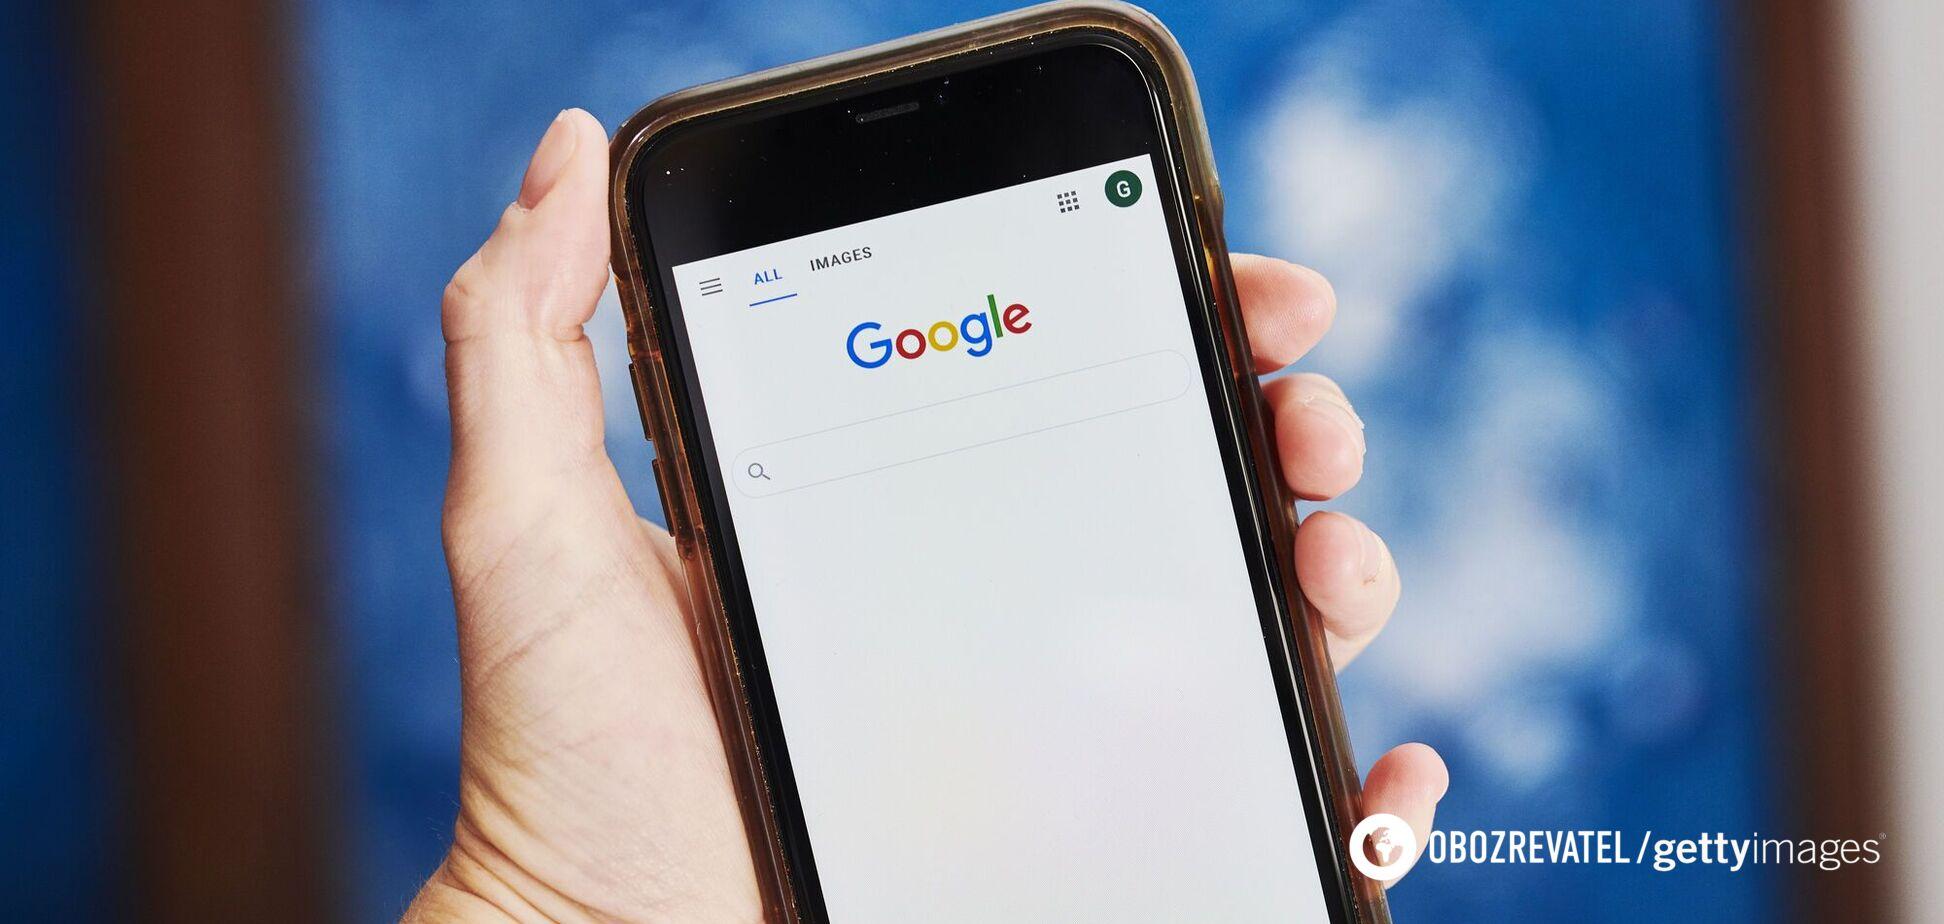 В Google теперь можно искать песни, напевая в микрофон: как работает новая функция